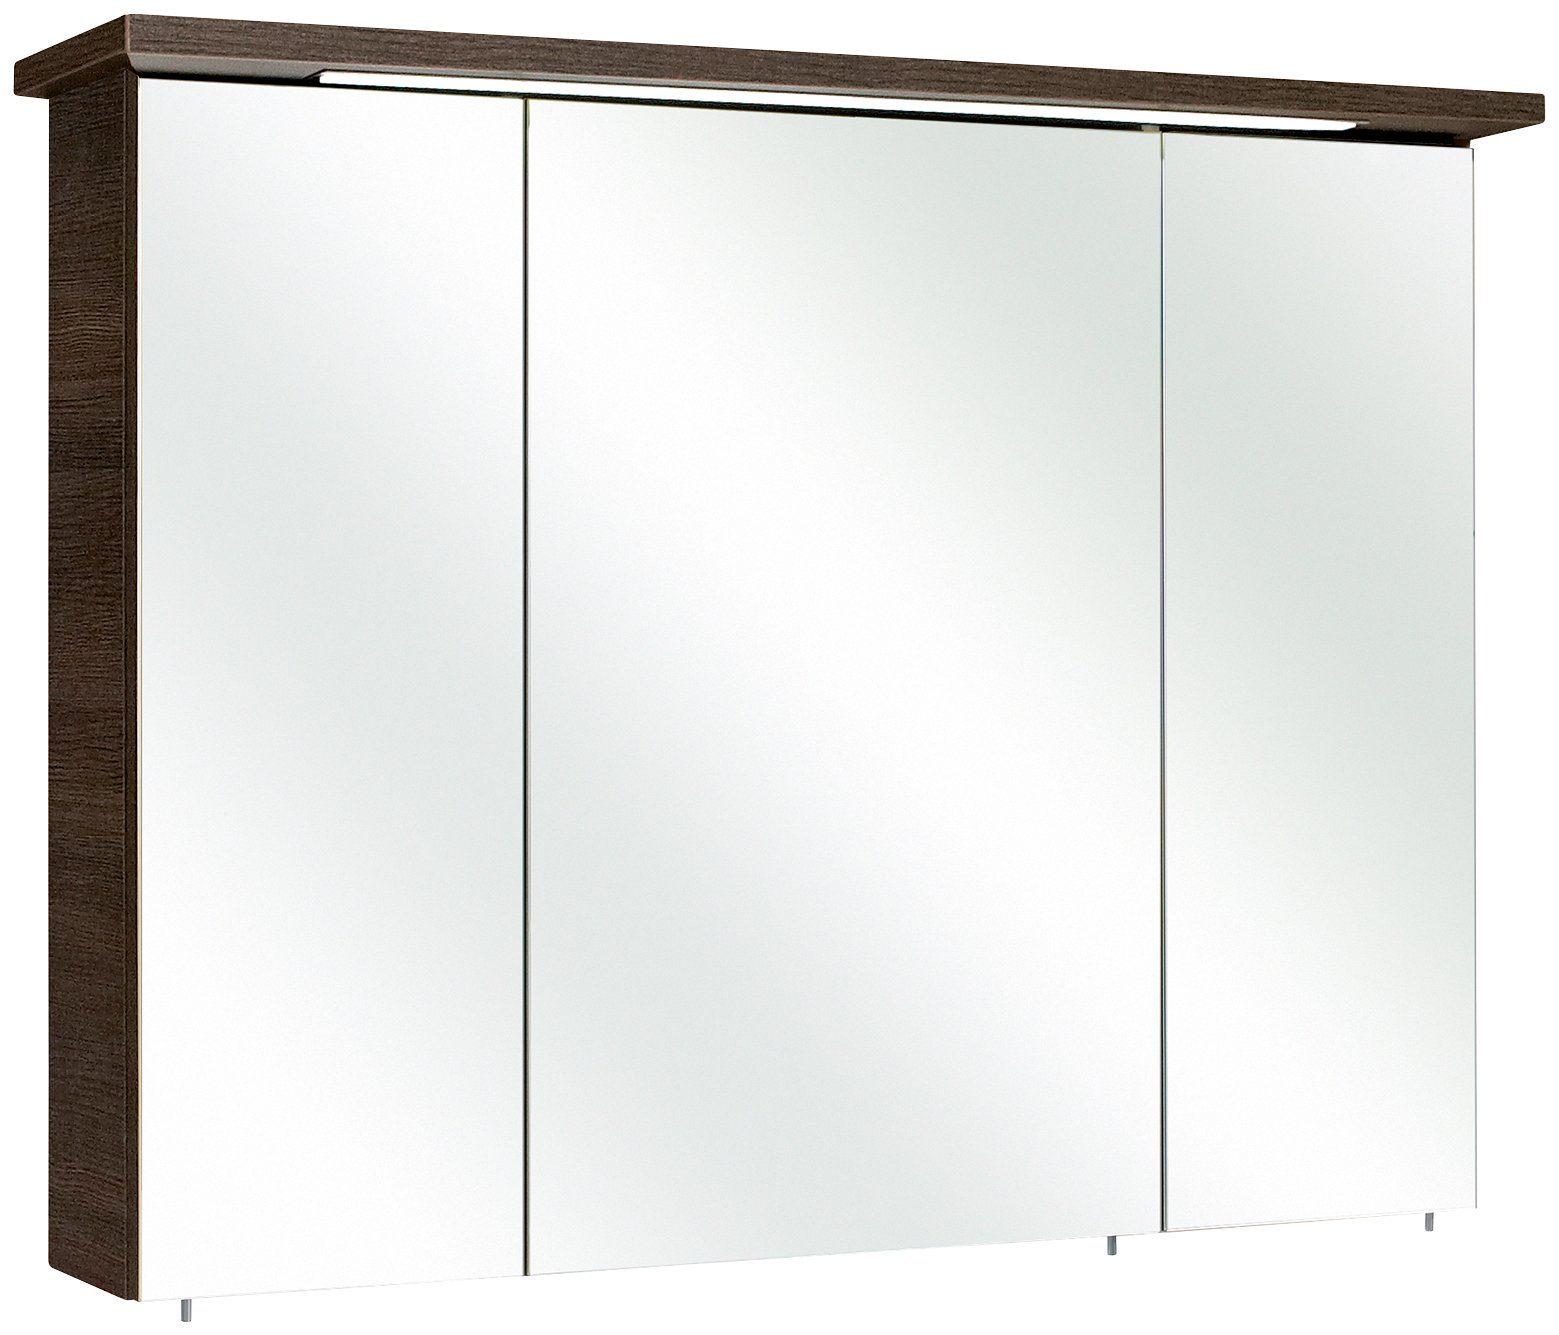 PELIPAL Spiegelschrank »Mara«, LED, Breite 75 cm